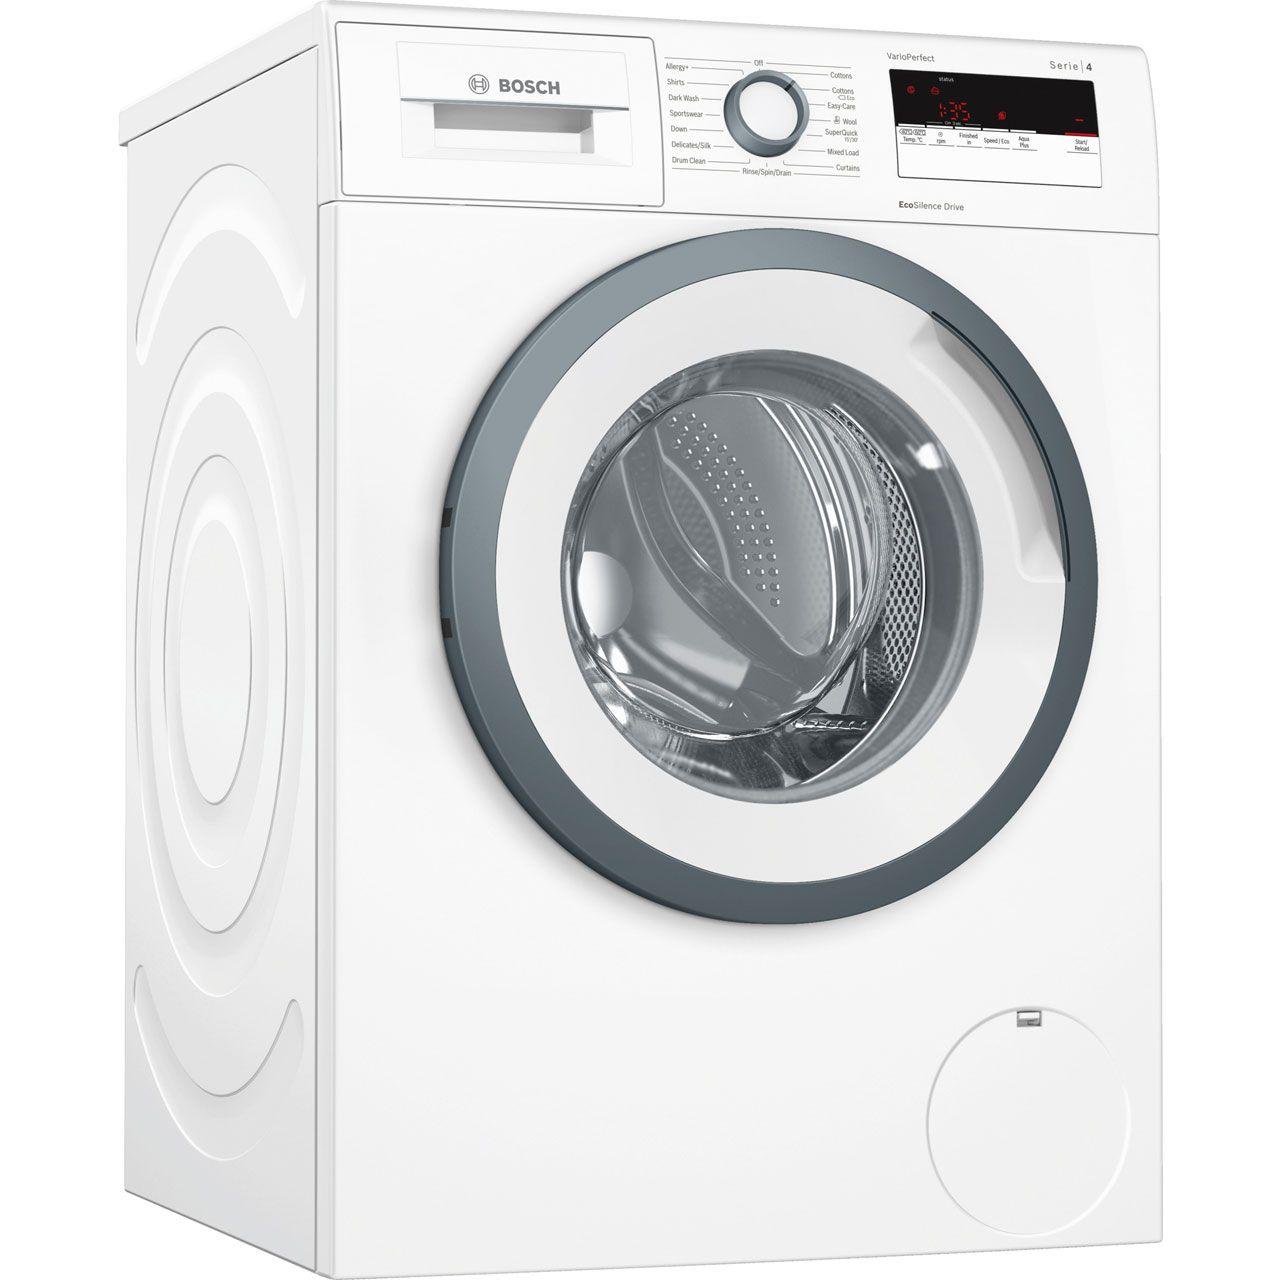 Bosch Serie 4 Wan28150gb 8kg Washing Machine With 1400 Rpm White A Rated Bosch Washing Machine Washing Machine Washing Machine Dryer